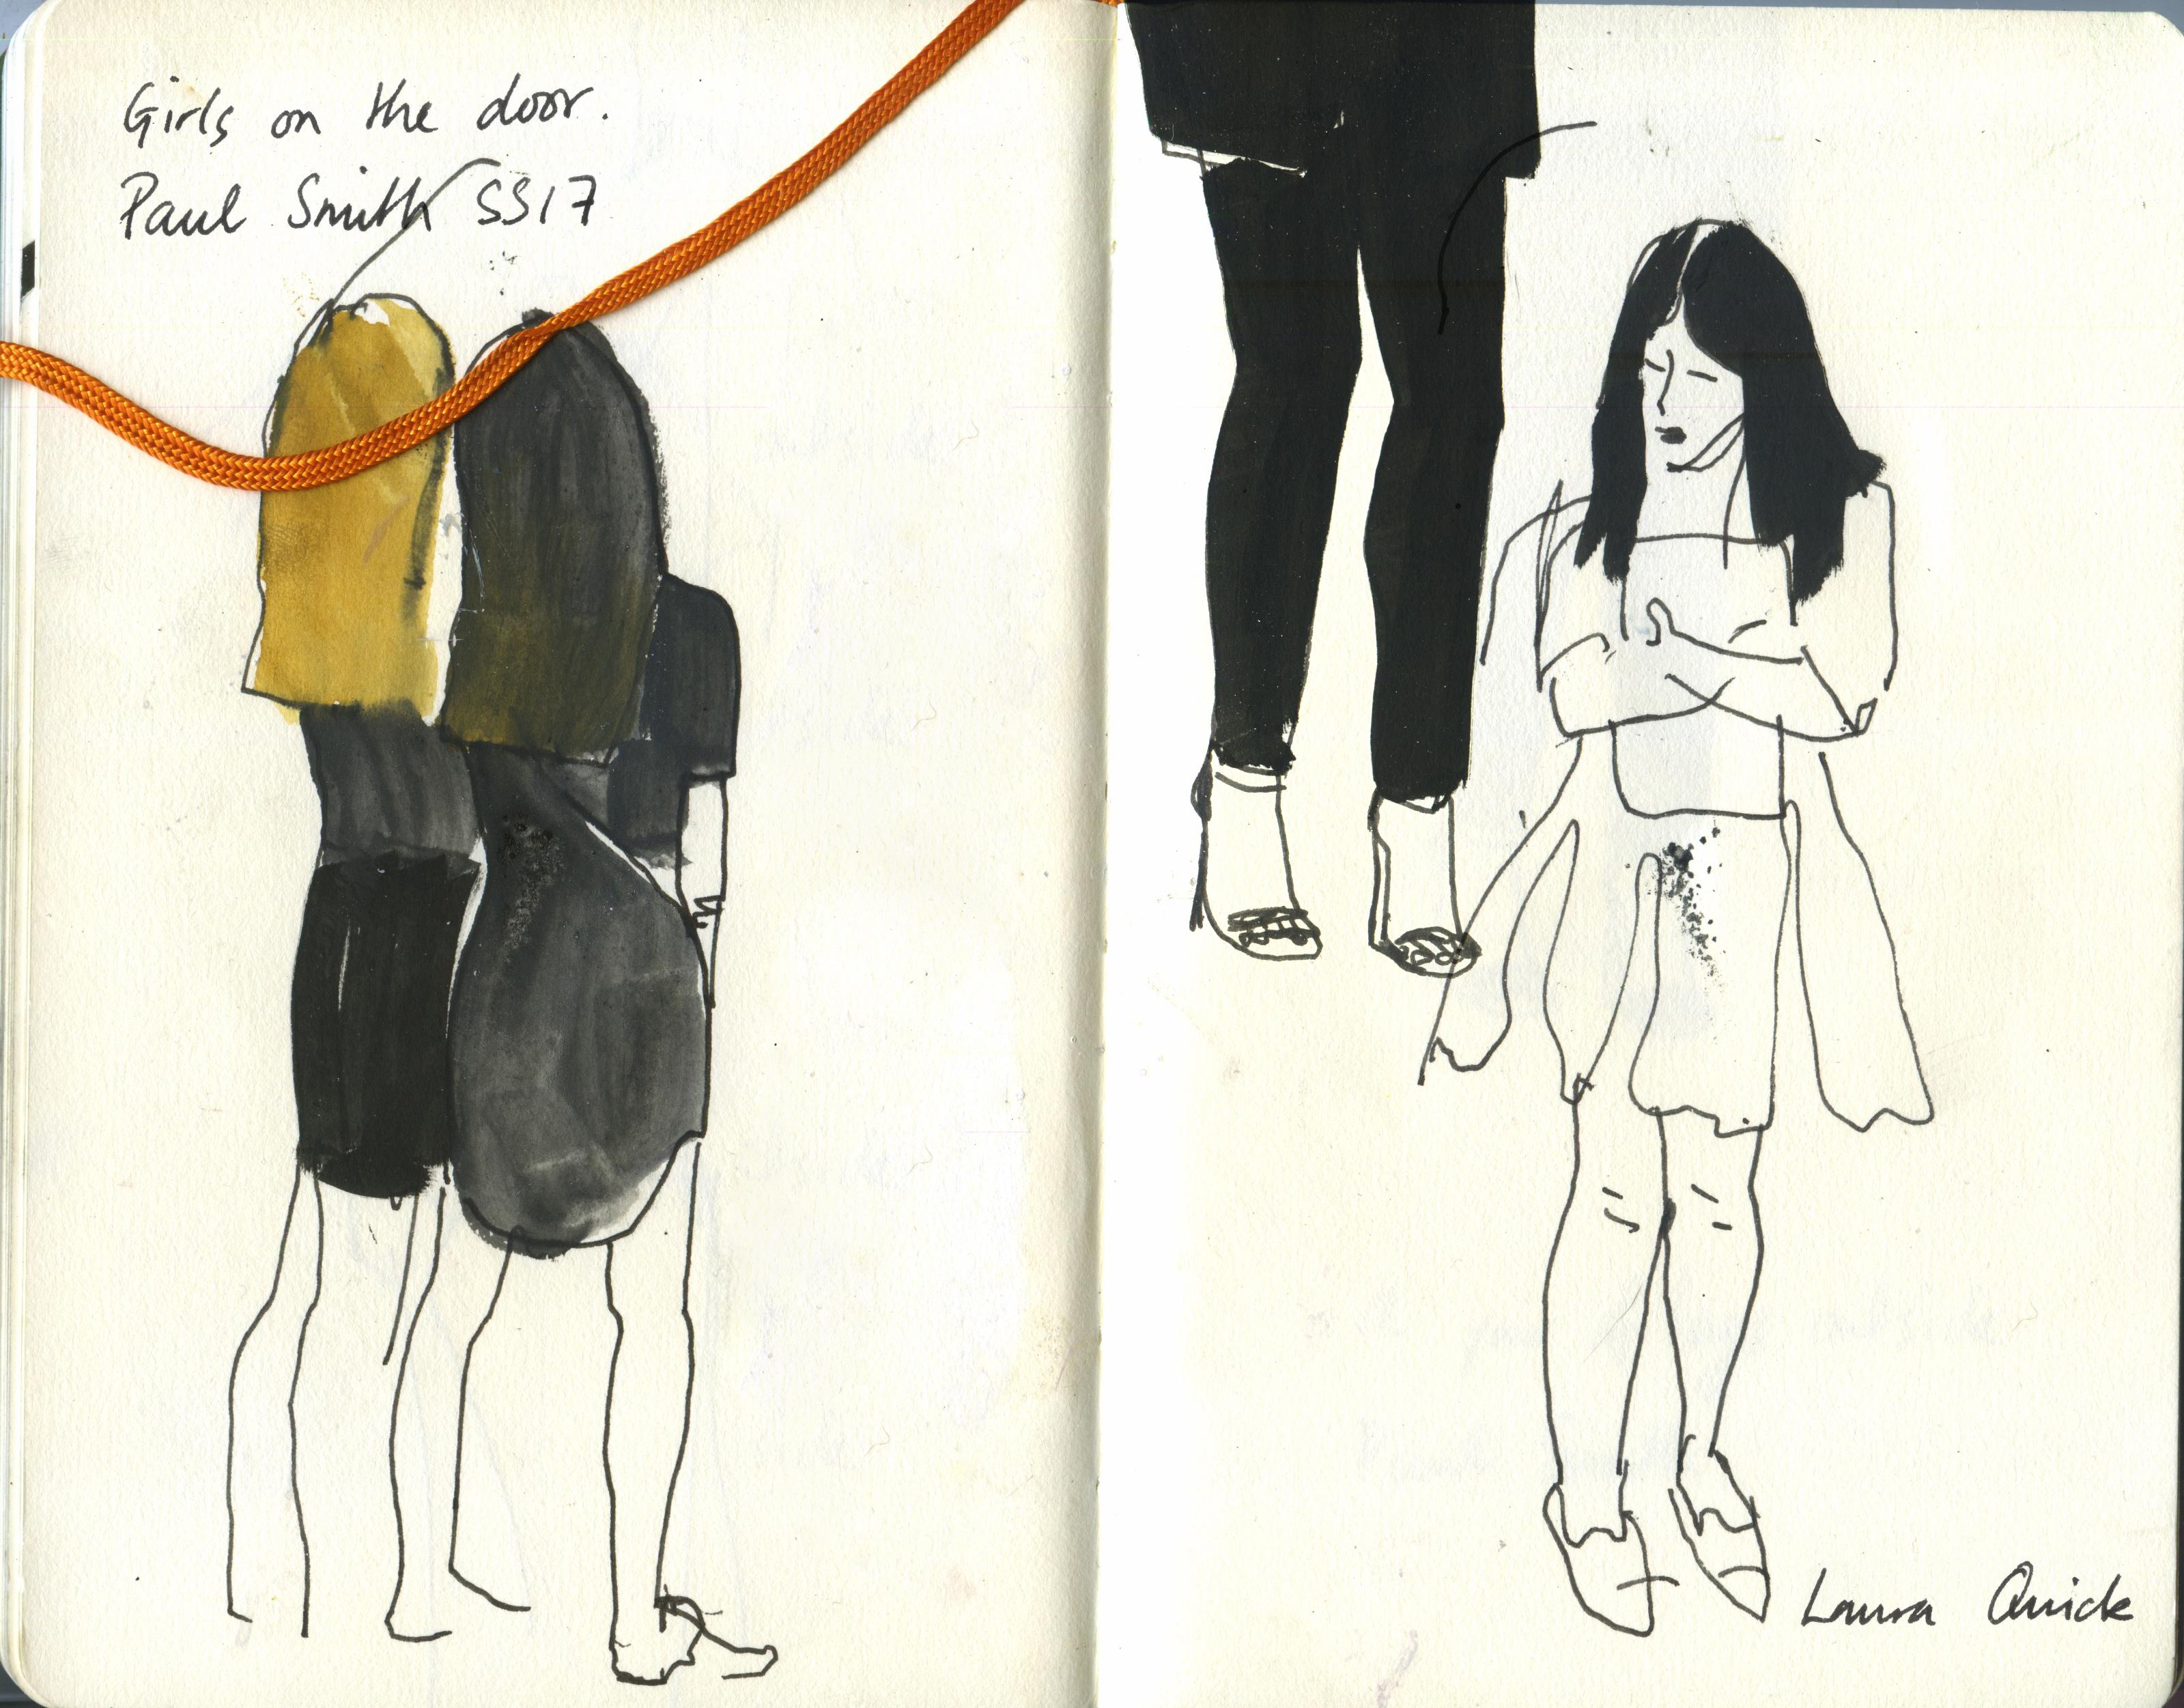 girls-on-the-door